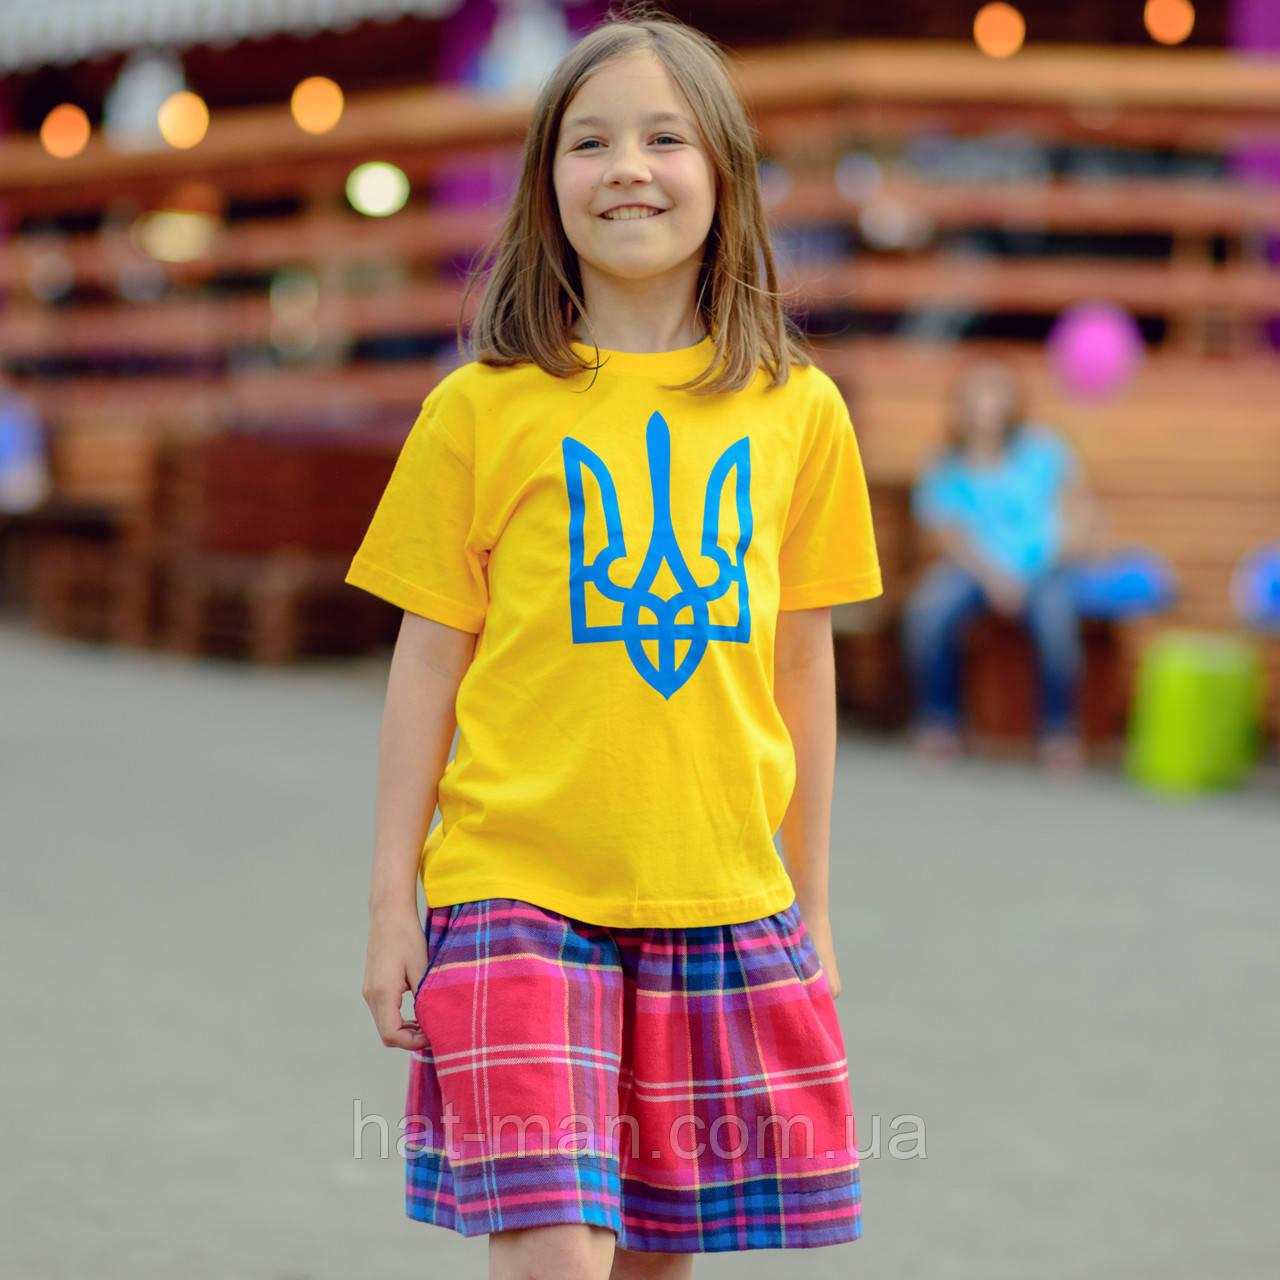 Дитяча з гербом, жовта, до 8р